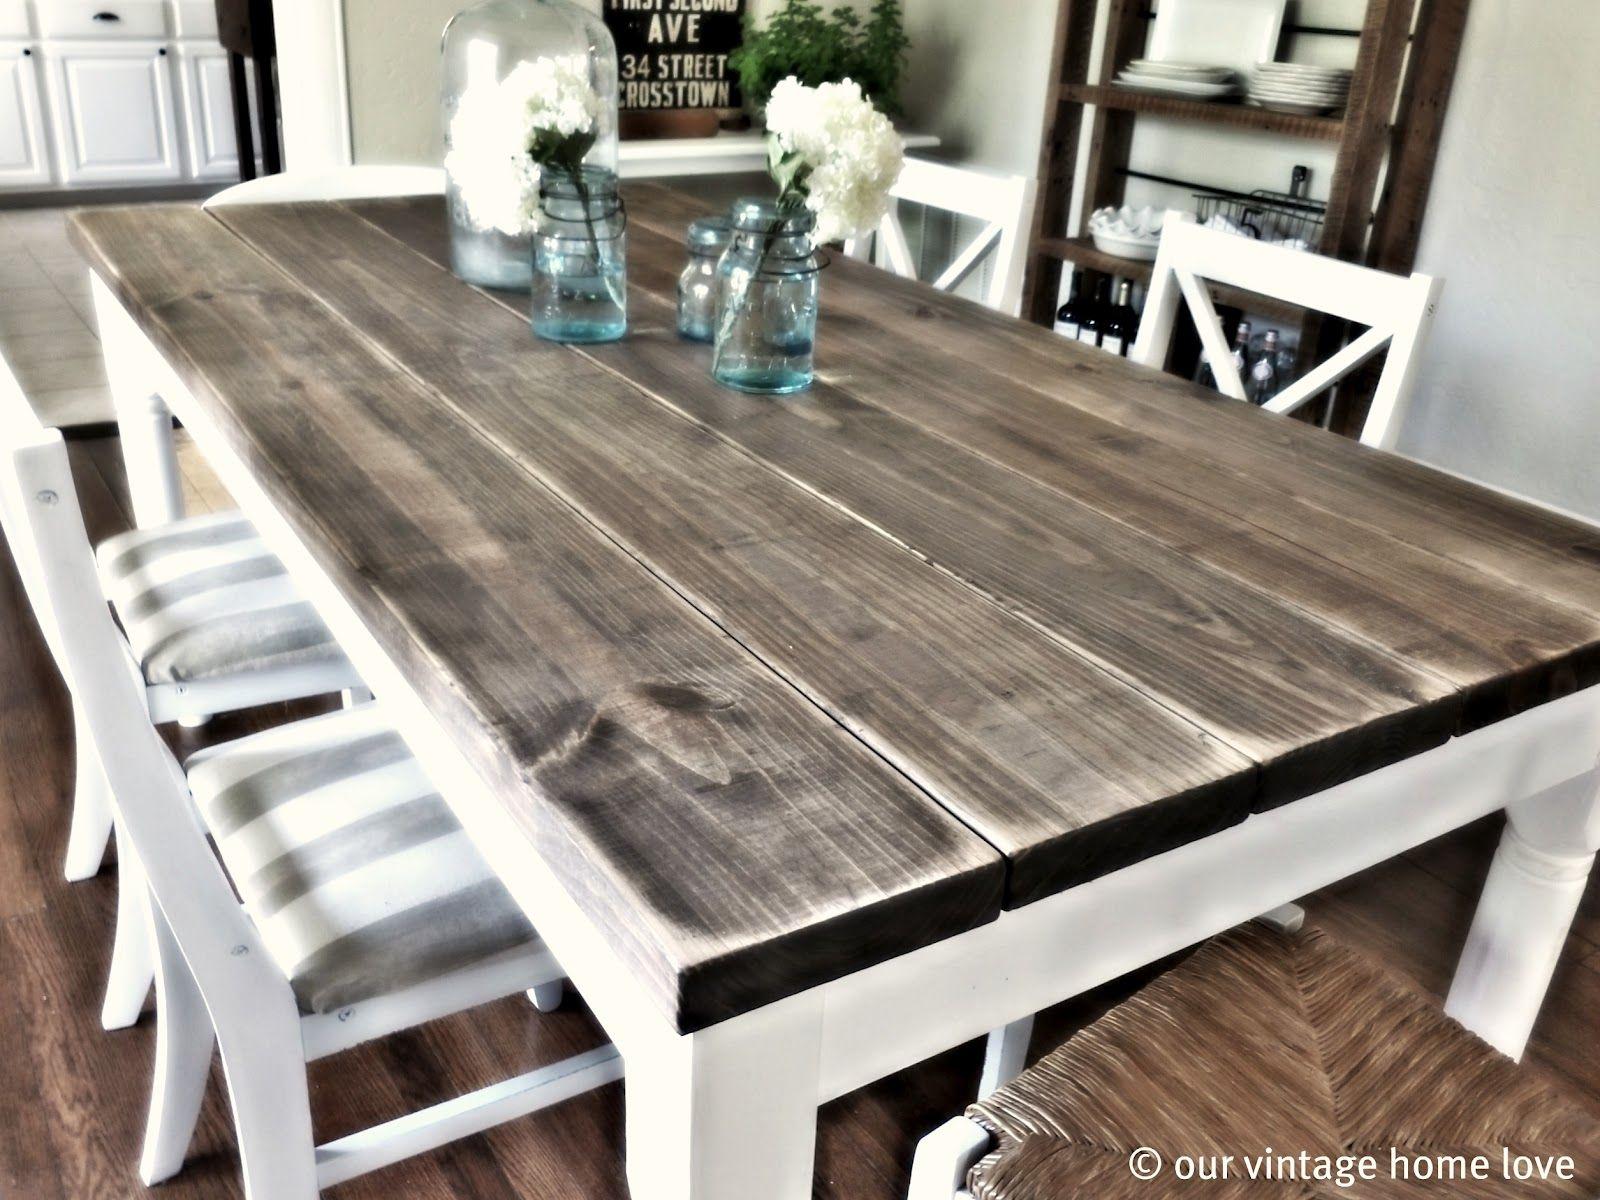 Dining Room Table Diy Dining Room Diy Dining Room Table Diy Dining